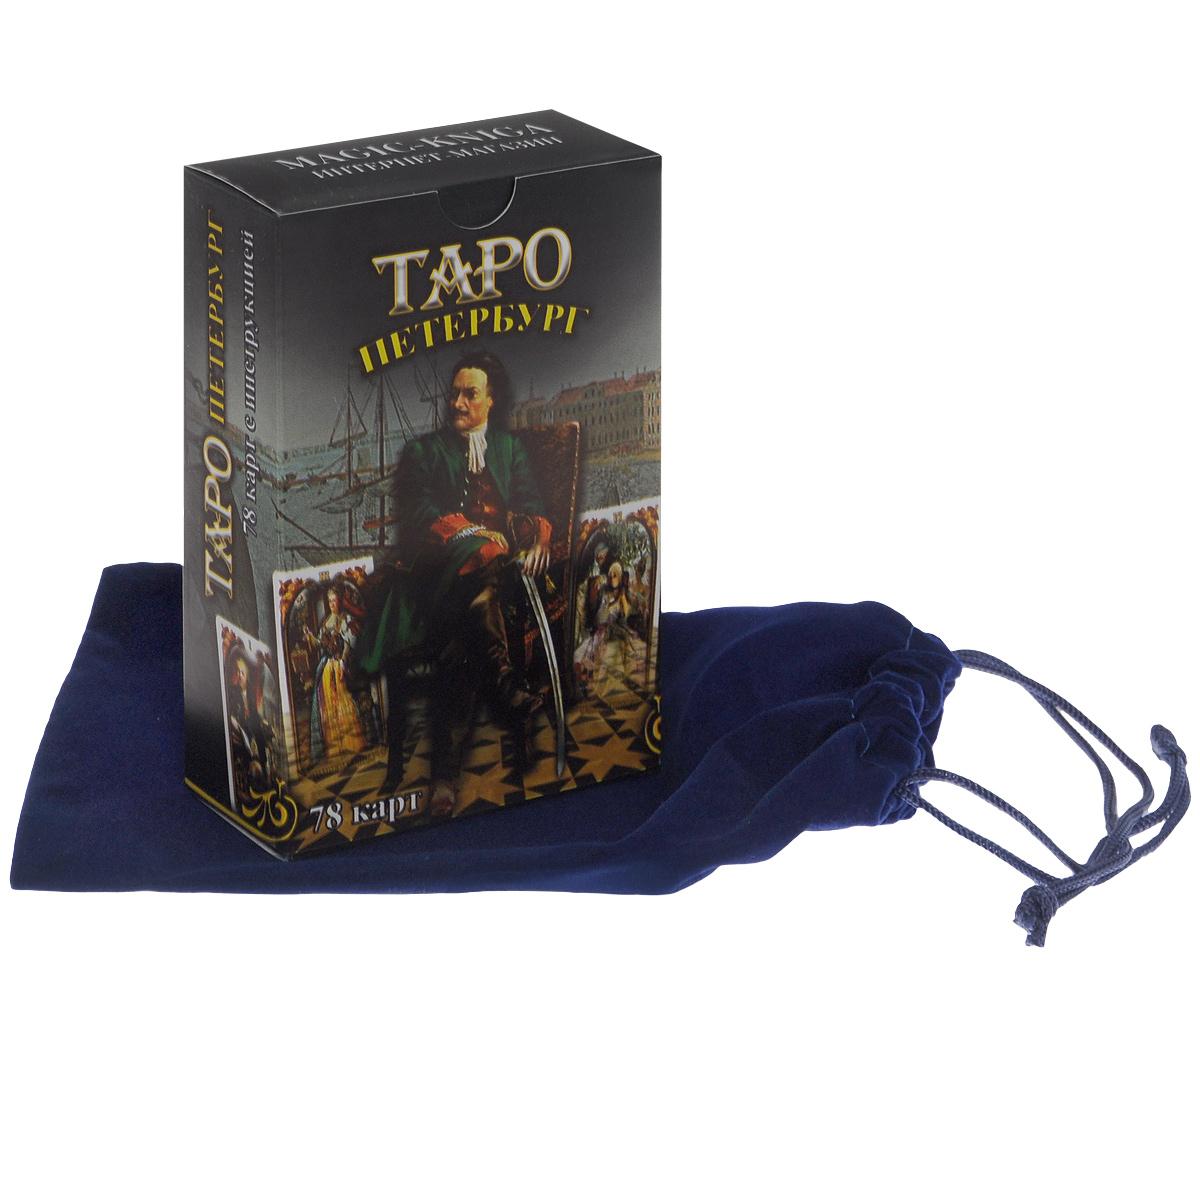 Таро Петербург (колода из 78 карт) таро райдер уэйт 78 карт 978 5 91250 497 6